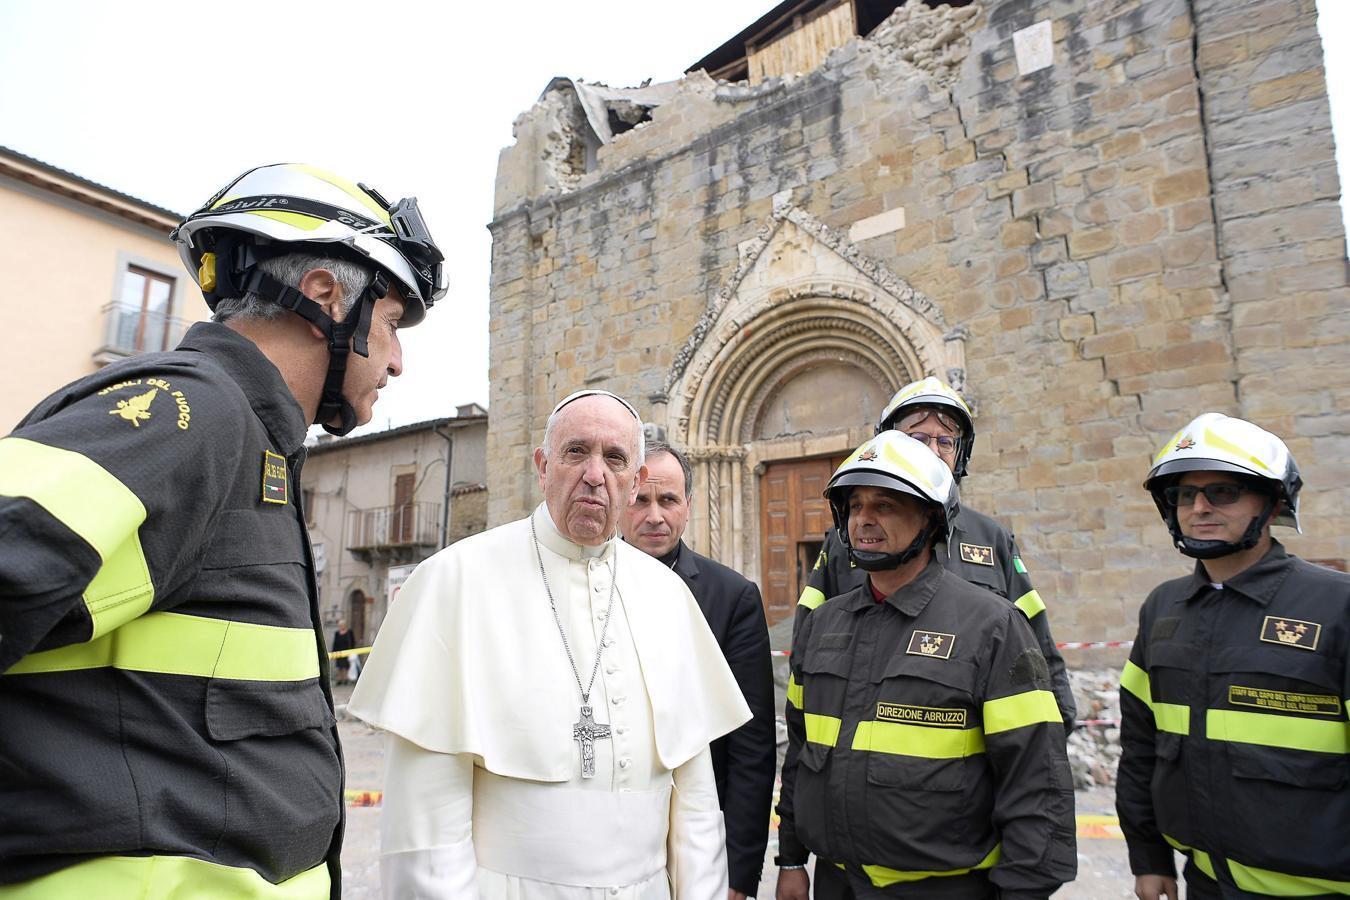 En imágenes: La visita sorpresa del Papa Francisco a Amatrice